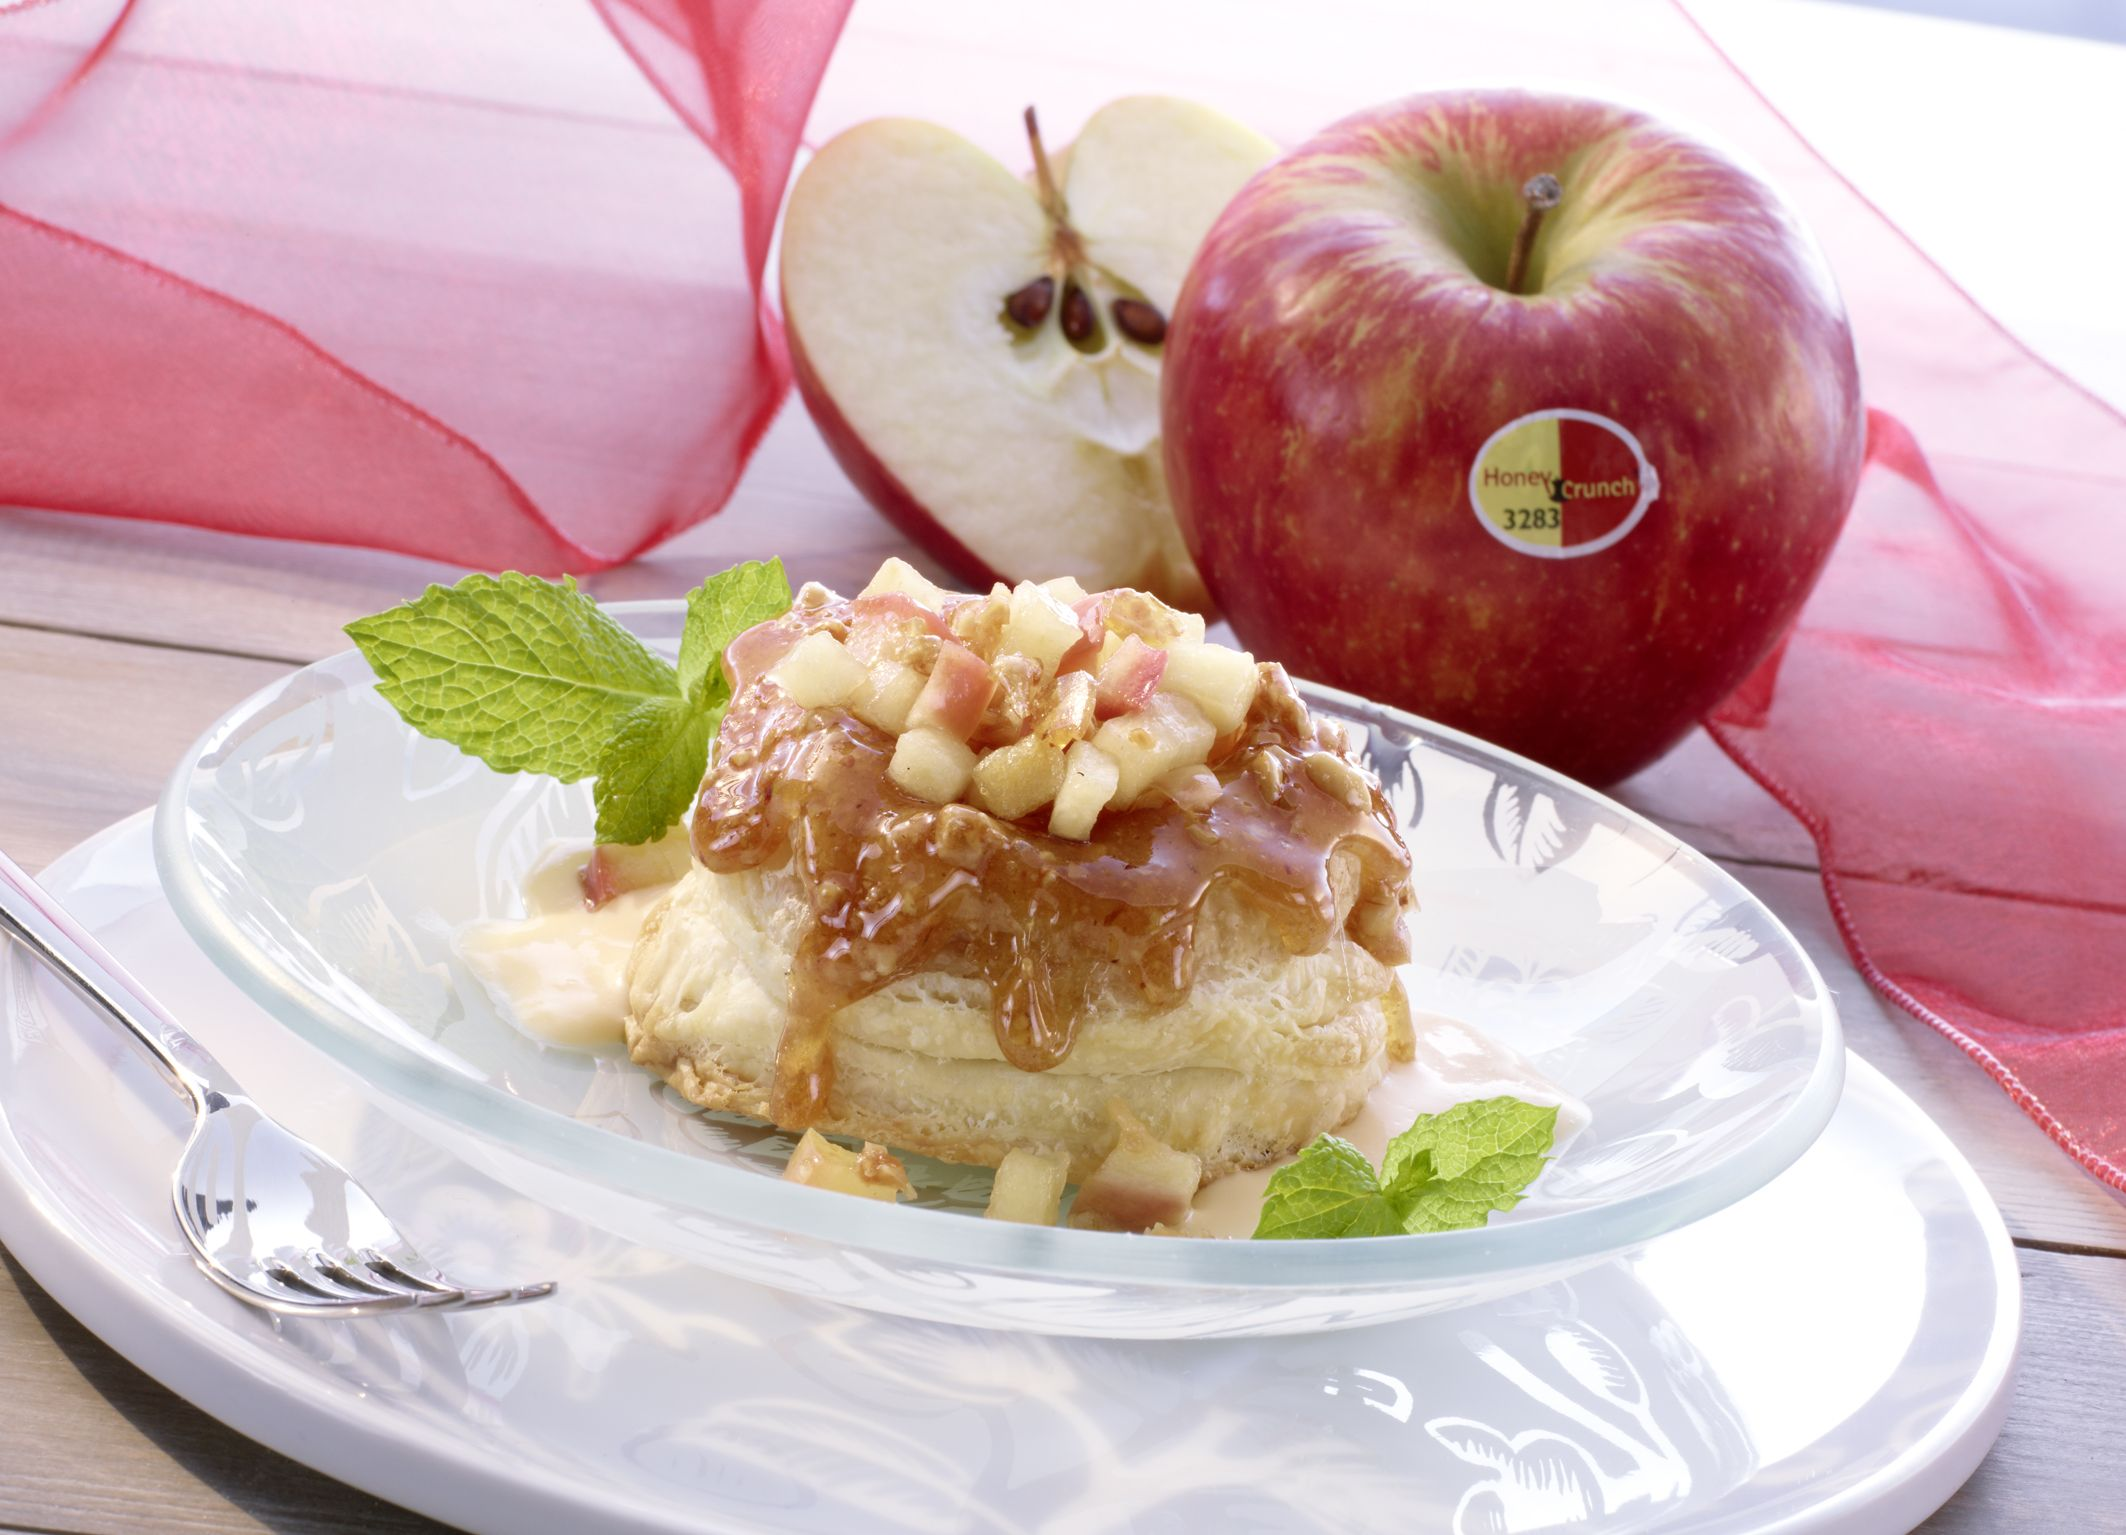 """Die neue Geheimzutat für Euer Dinner liegt ganz nah: Schaut doch mal in den Obstkorb. Honeycrunch-Äpfel verleiten nicht nur zum """"Sofort-Hineinbeißen"""", sondern empfehlen sich zudem für warme Rezept-Kreationen. Durch die leichte Süße, die fruchtige Säure und den stets knackigen Biss, eignet sich Honeycrunch perfekt zum Kochen und Backen. Der zweifarbige …"""